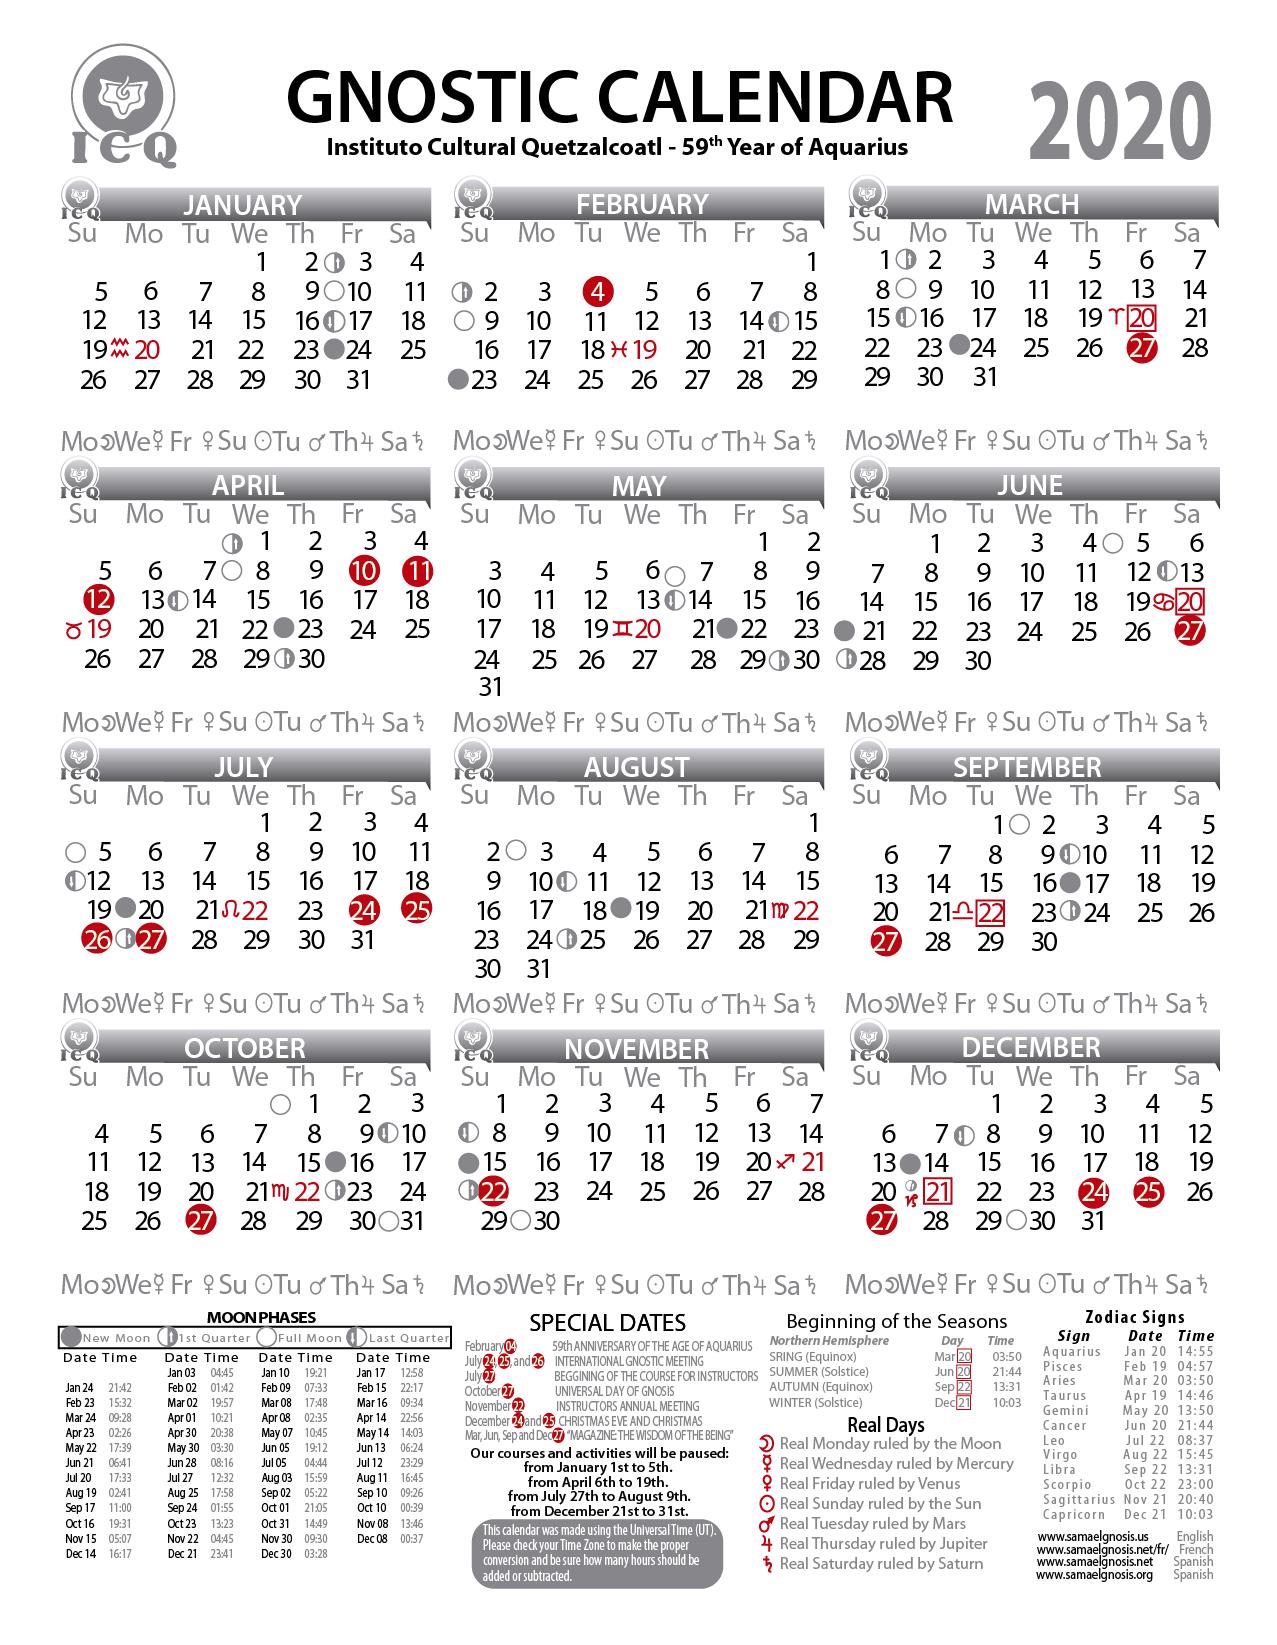 icq s gnostic calendar